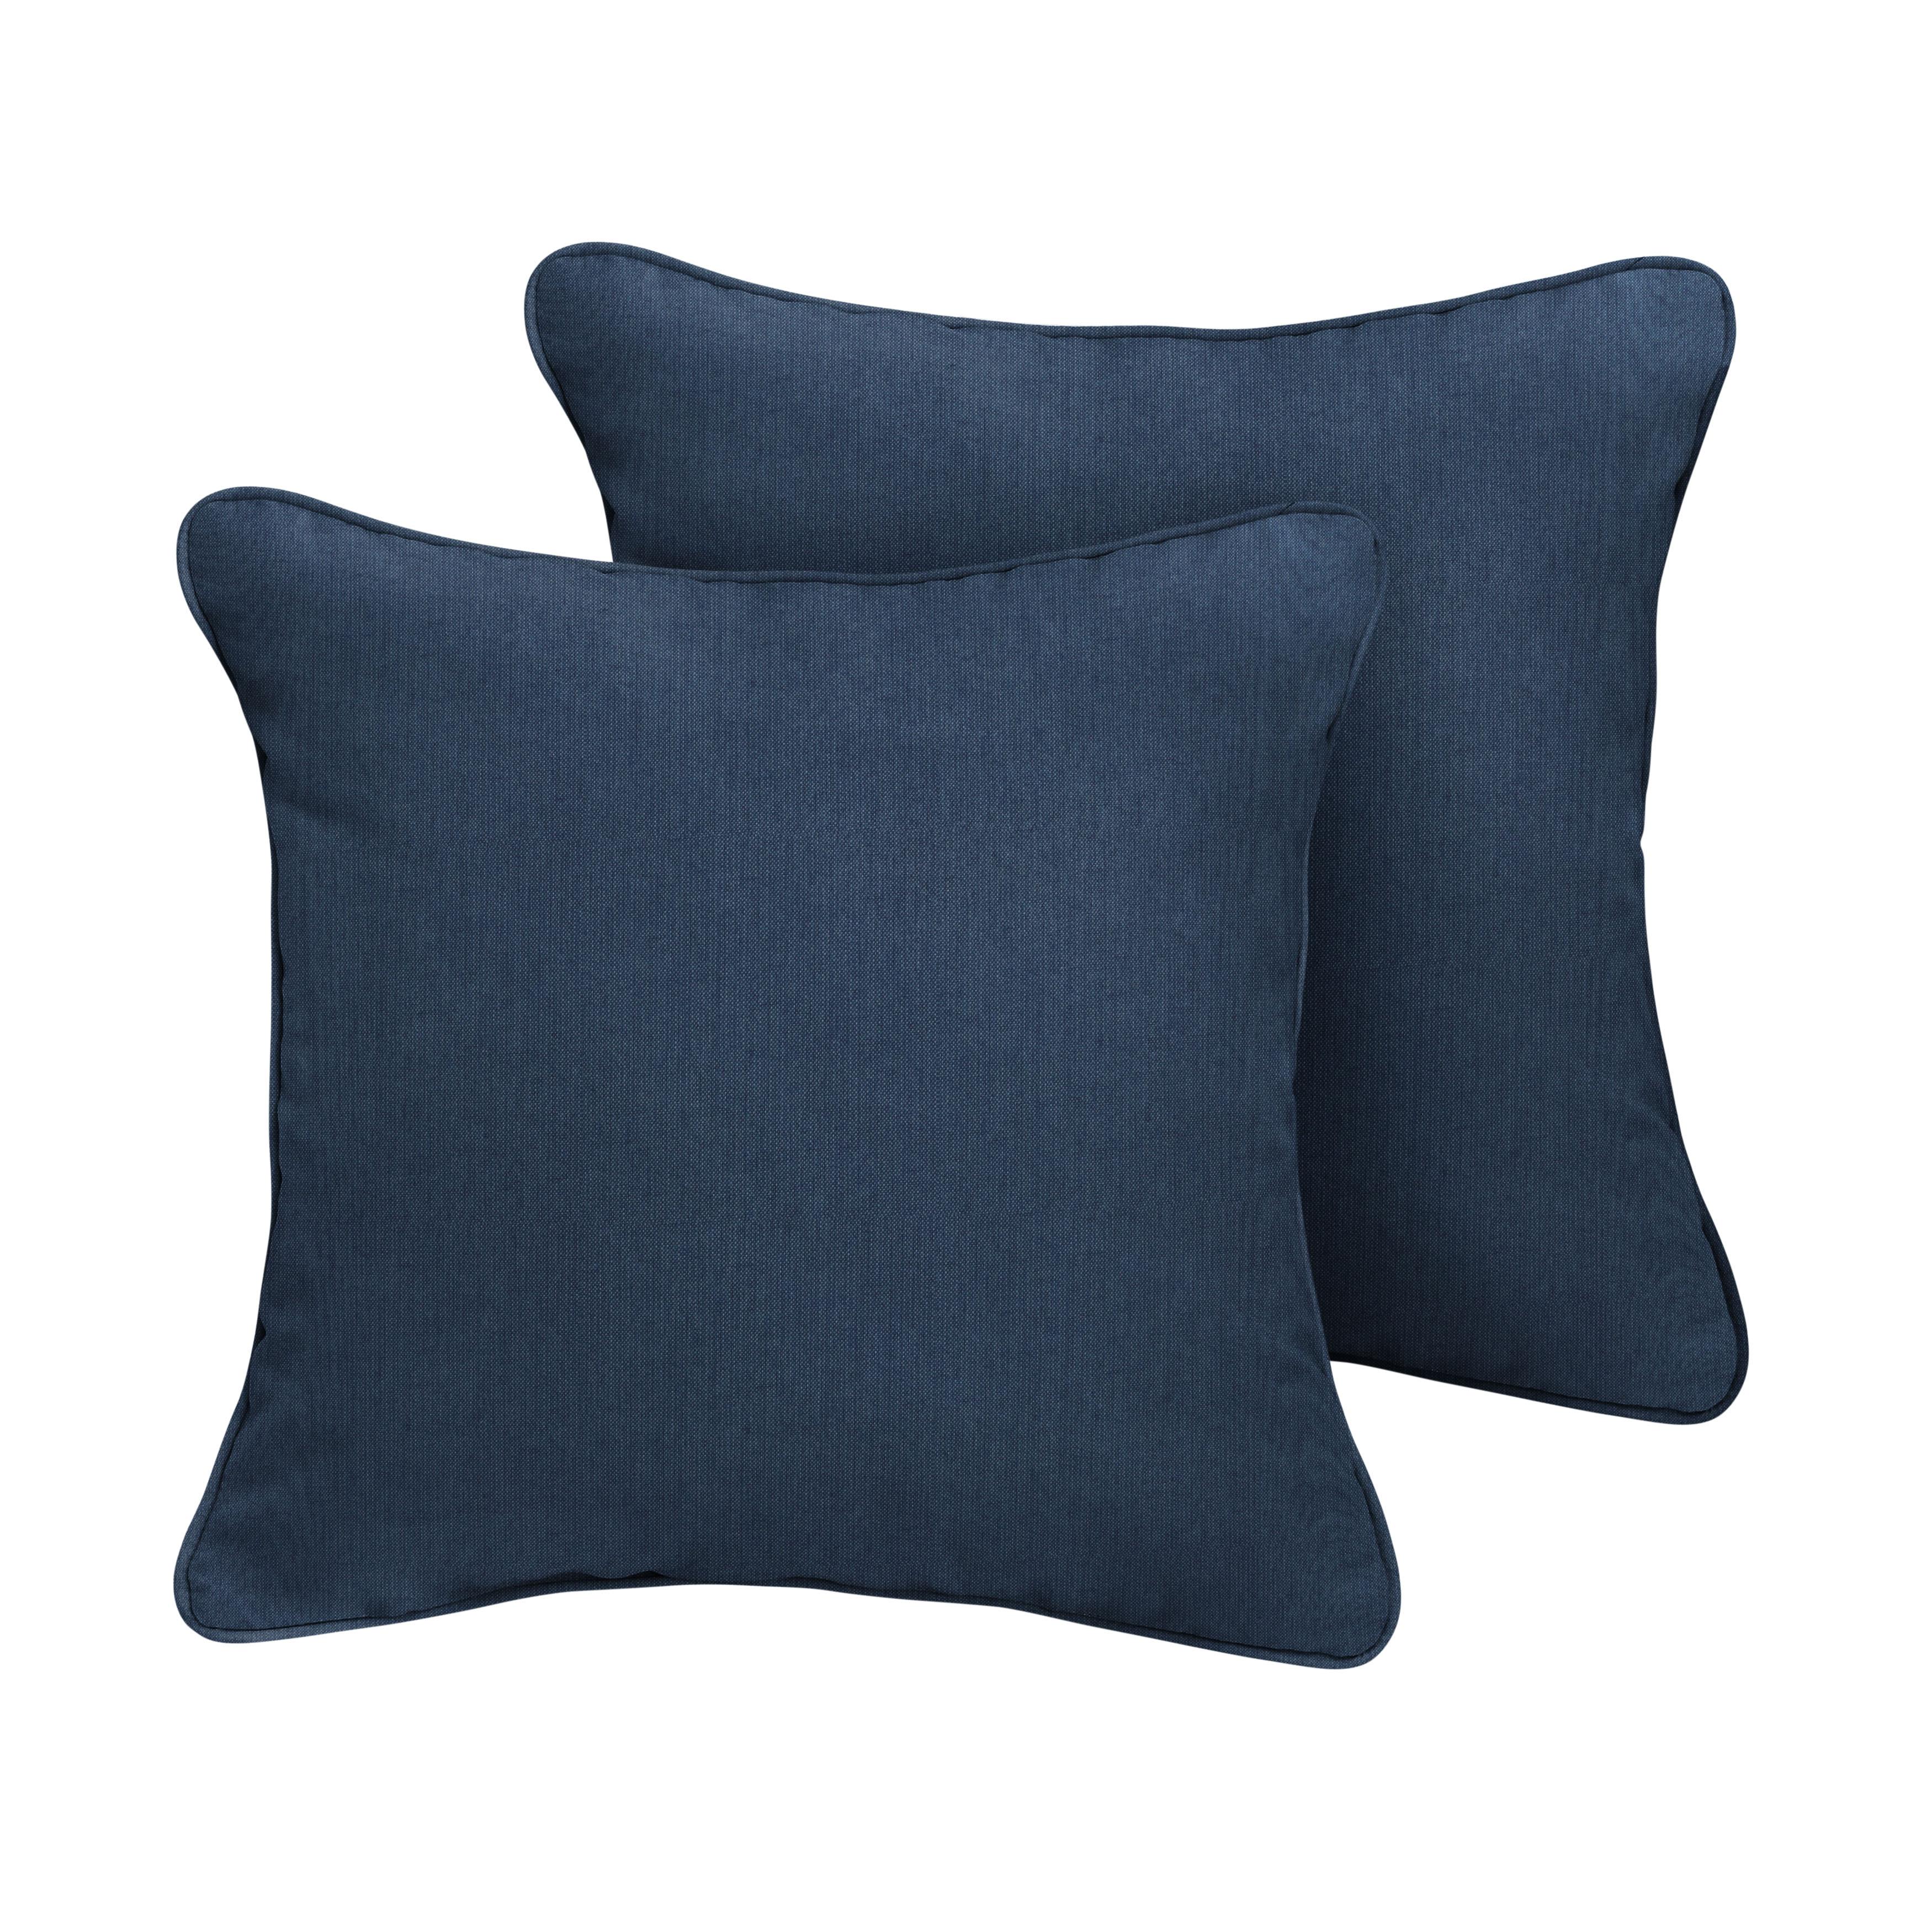 Sunbrella Pillows 18  x 18  Set of 2 in Spectrum Indigo